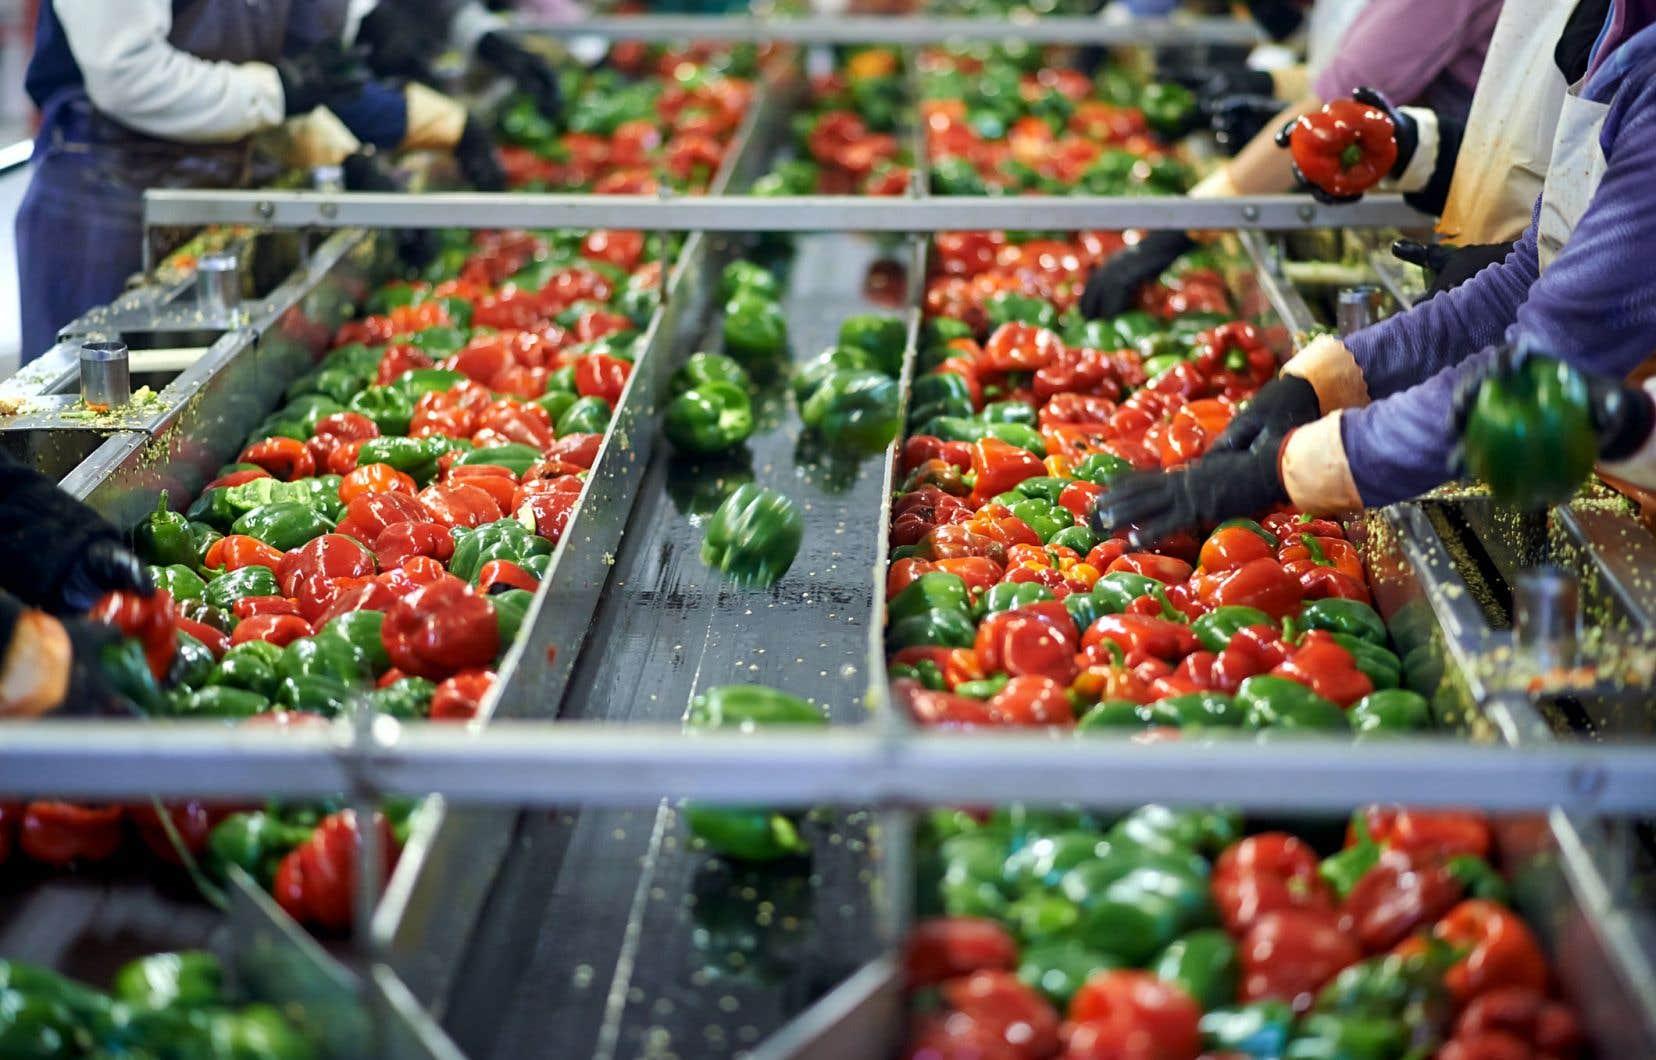 Une politique agroalimentaire doit intégrer et maintenir en équilibre tout un éventail d'éléments interreliés.